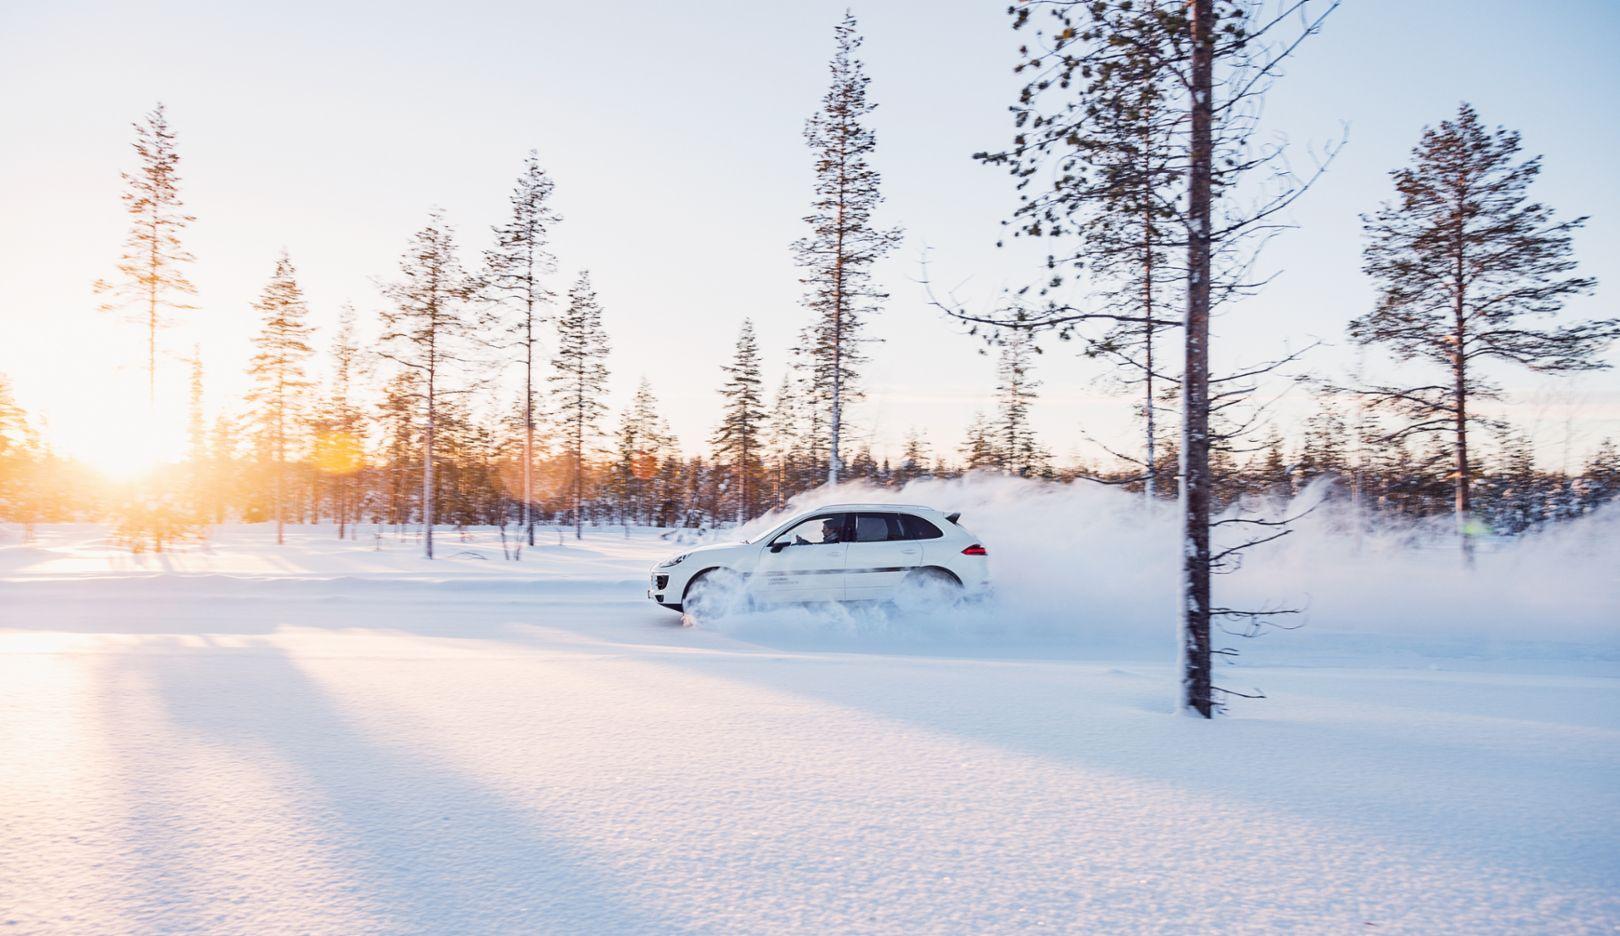 Cayenne S, Porsche Driving Experience Winter, Levi, Finnland, 2015, Porsche AG